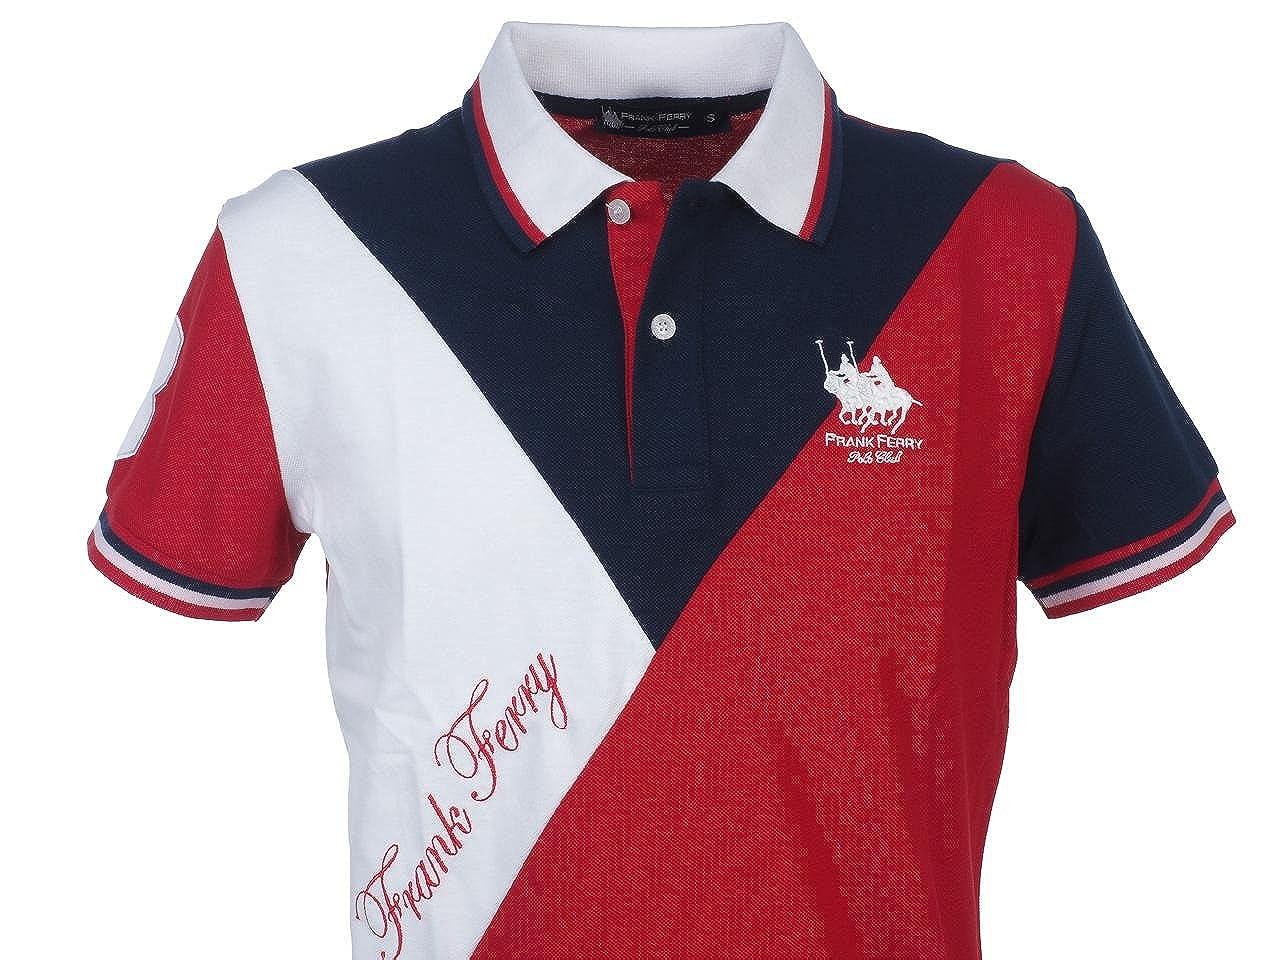 FRANK FERRY - Polo - para hombre rojo small: Amazon.es: Ropa y ...